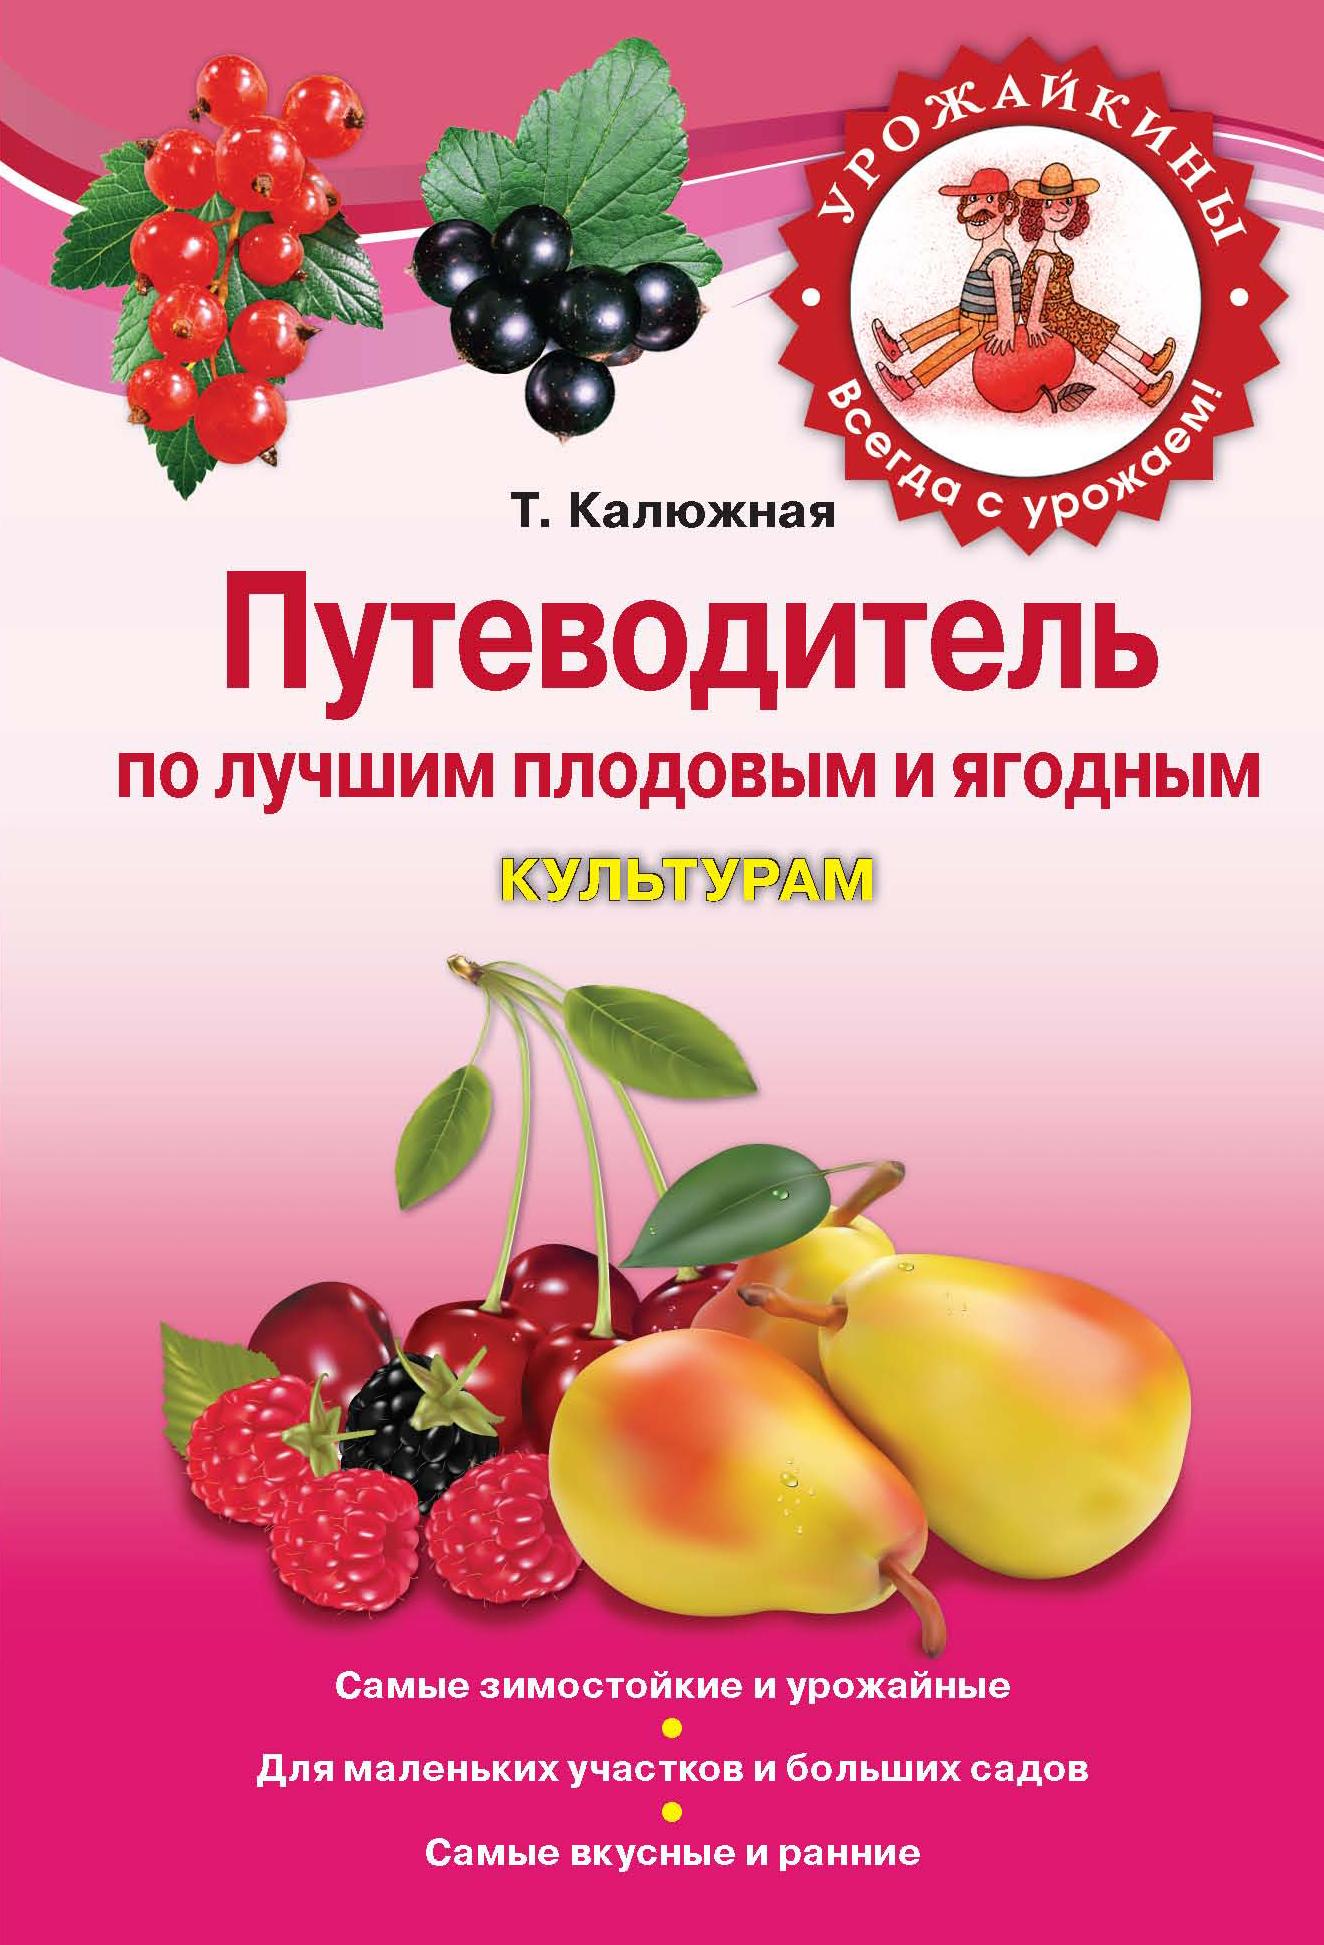 Книга Путеводитель по лучшим плодовым и ягодным культурам